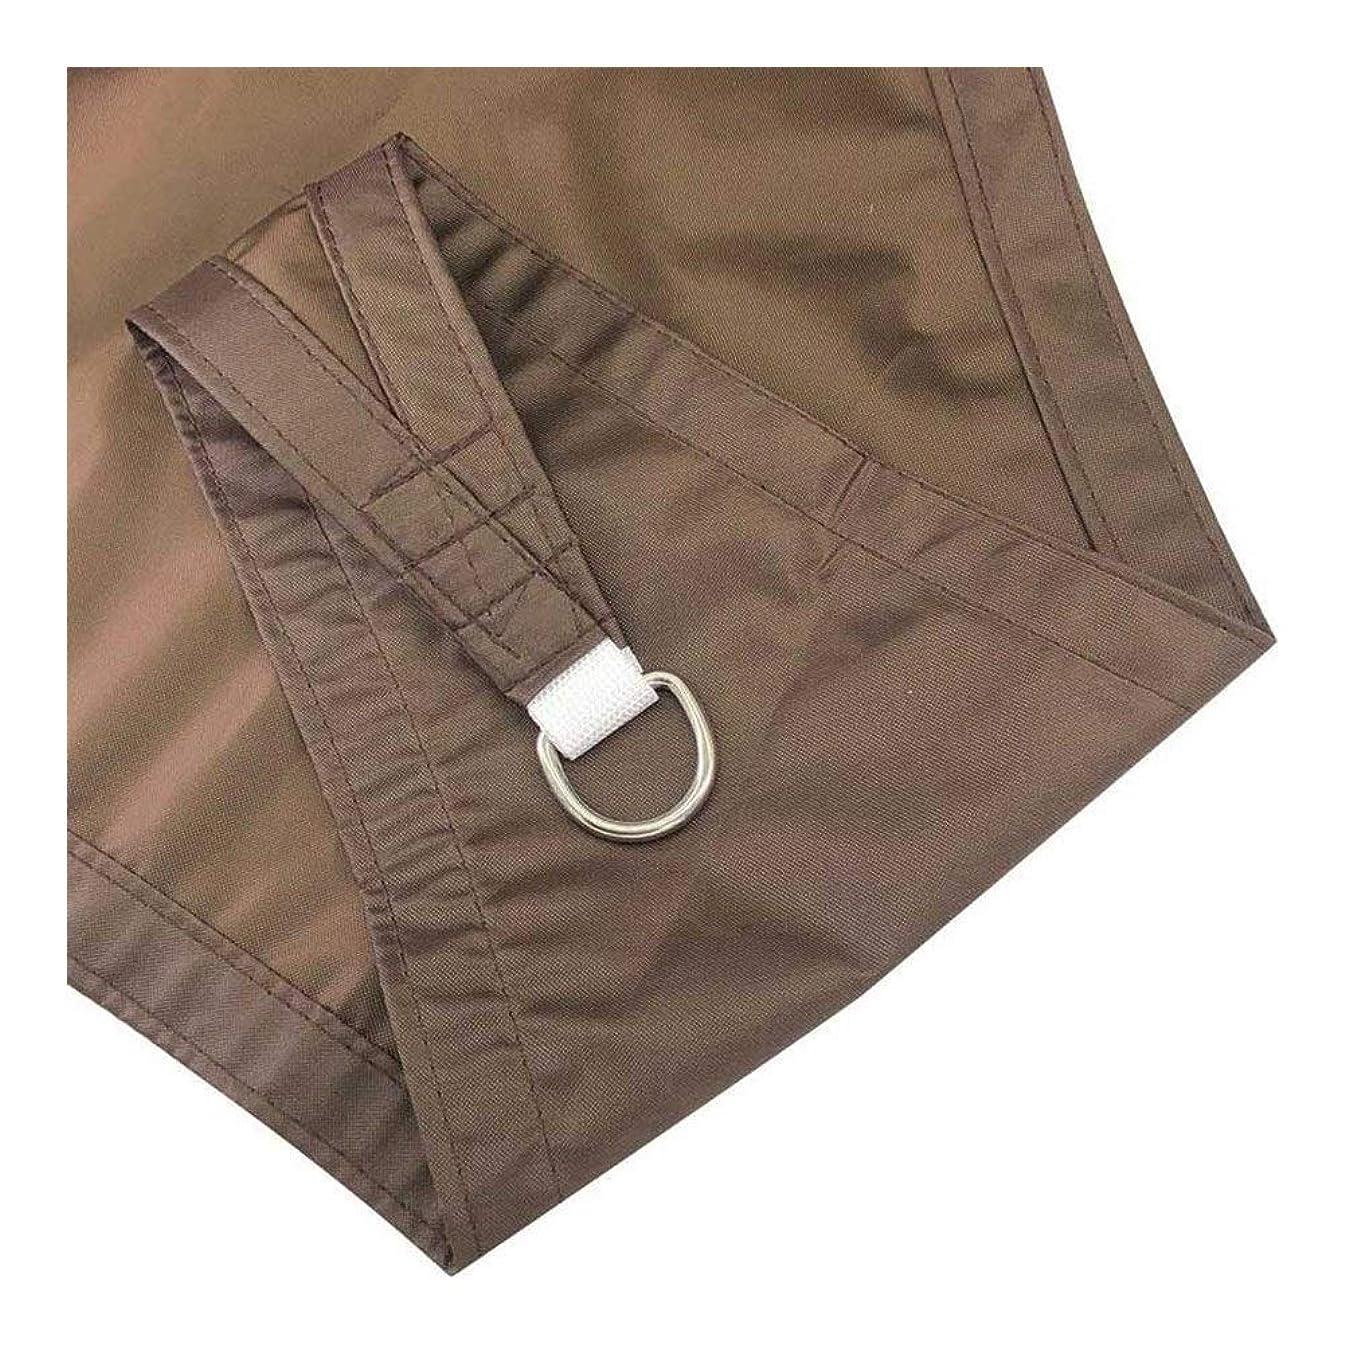 肉のコットン感嘆オーニング?シェードシェード 防水 オーニング 95% UVブロック ために 屋外パティオ 日よけの天蓋 日焼け止め ガーデンローンパーゴラデッキ (Color : 15#, Size : 2x2.5m)